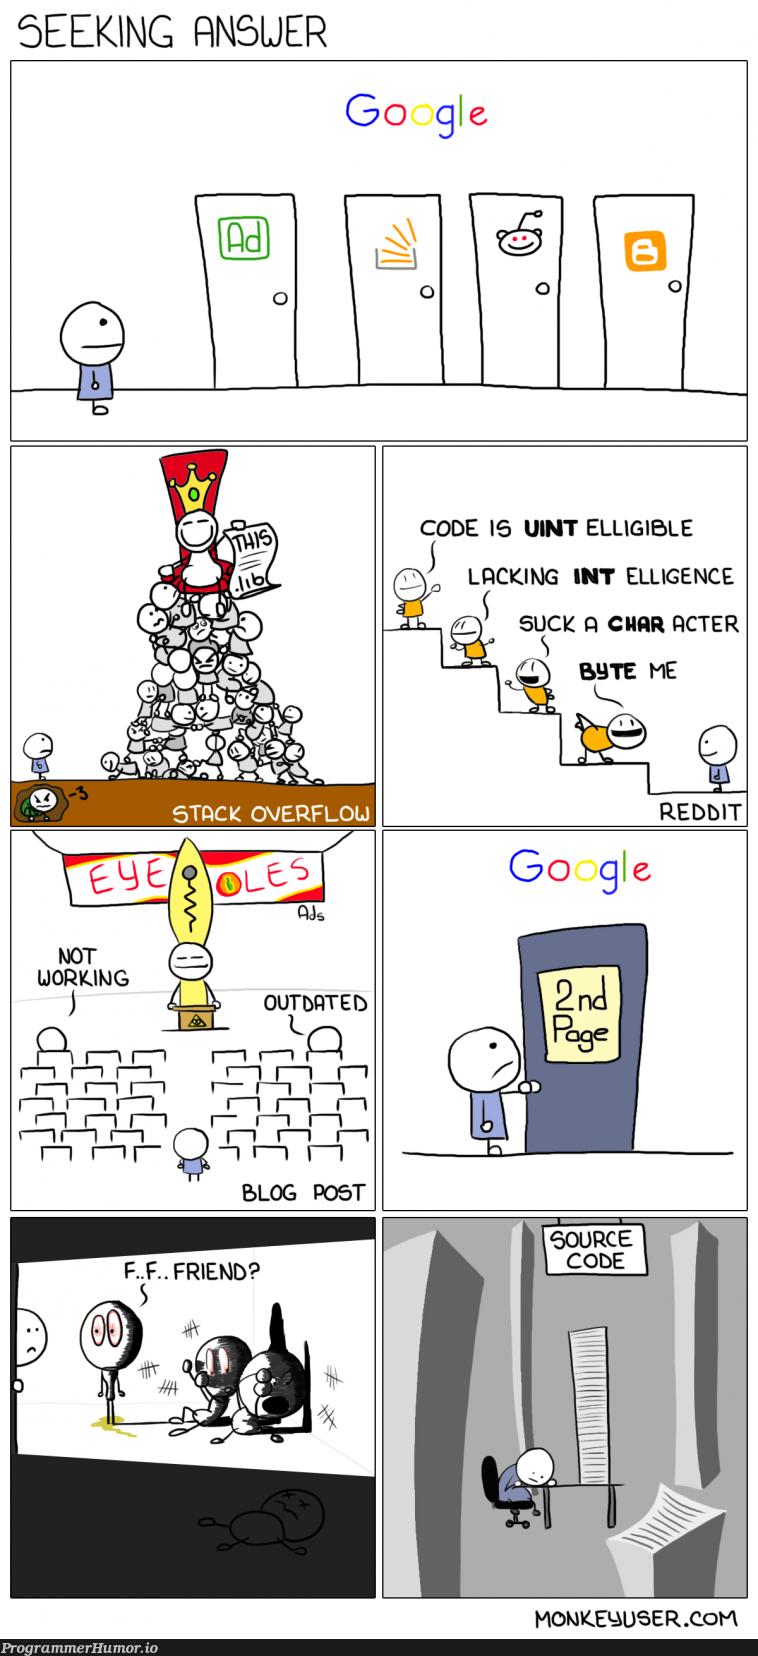 Seeking Answer | code-memes, google-memes, reddit-memes, source code-memes | ProgrammerHumor.io